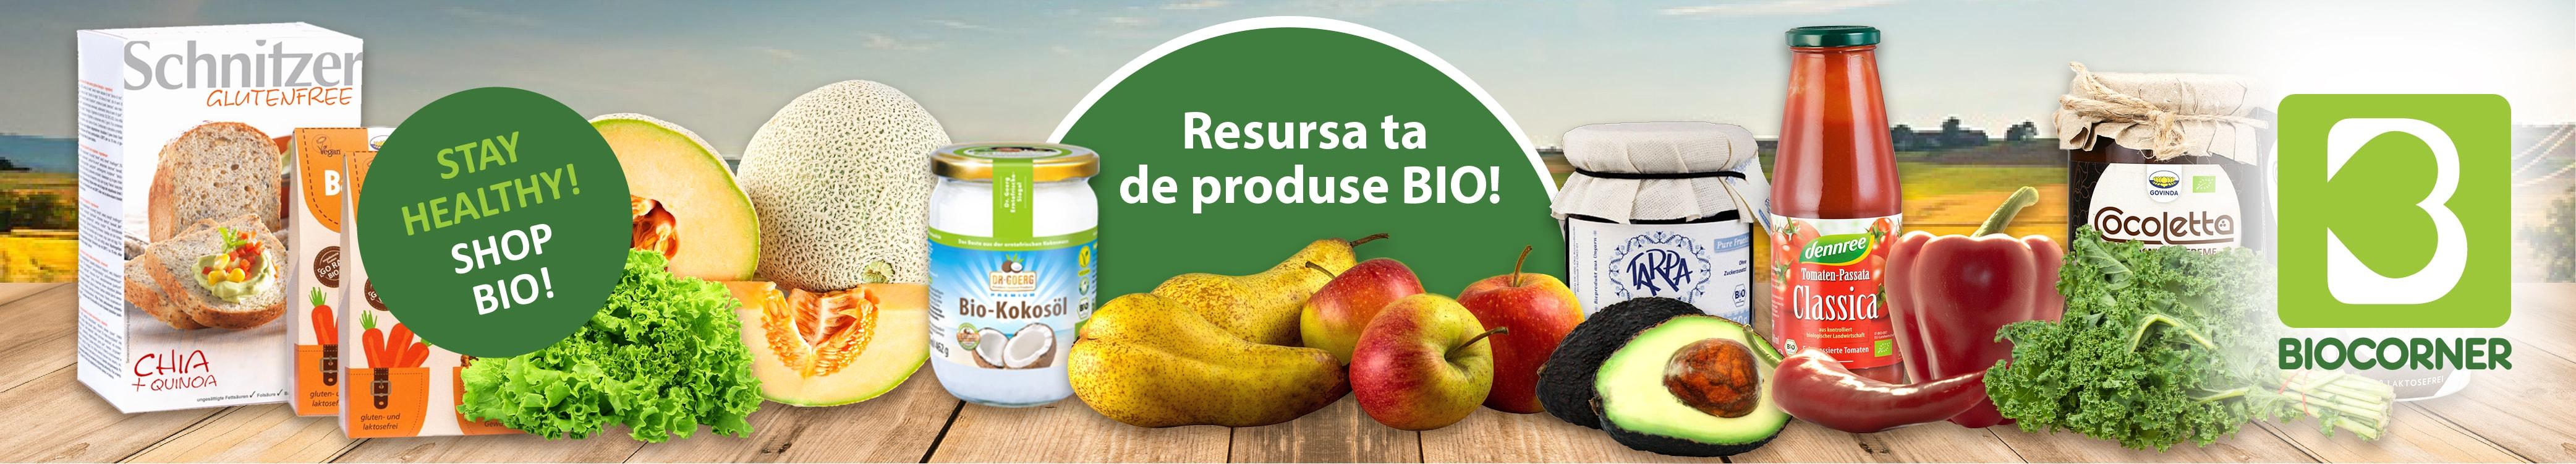 Biocorner NOU